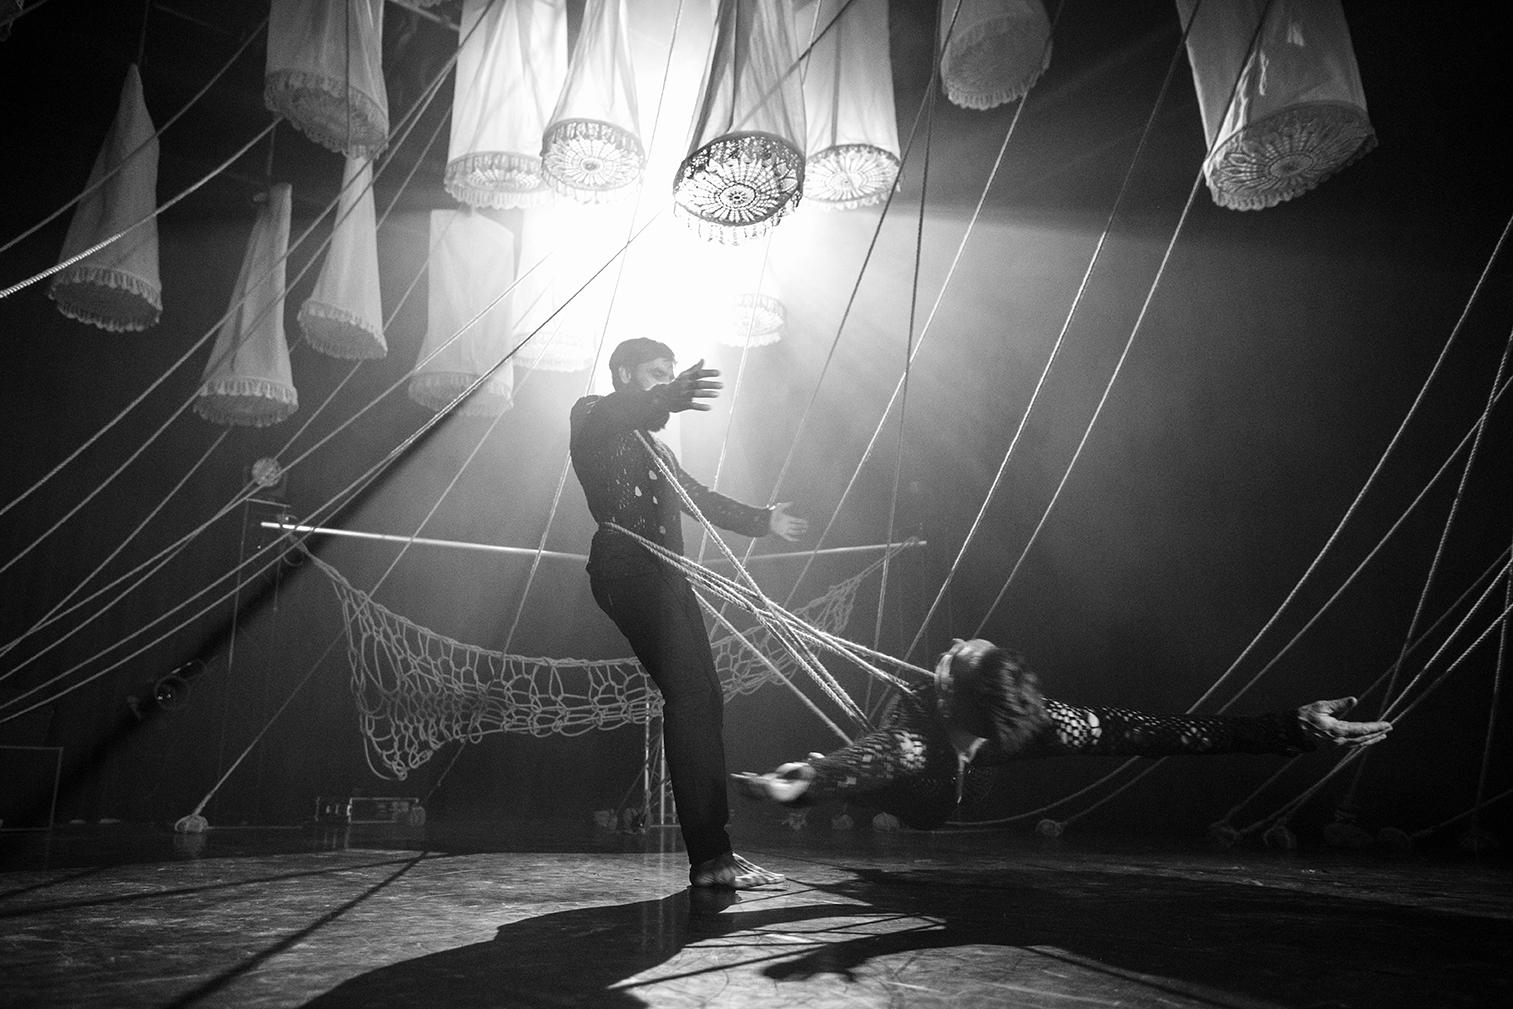 Menn danser under lanterner